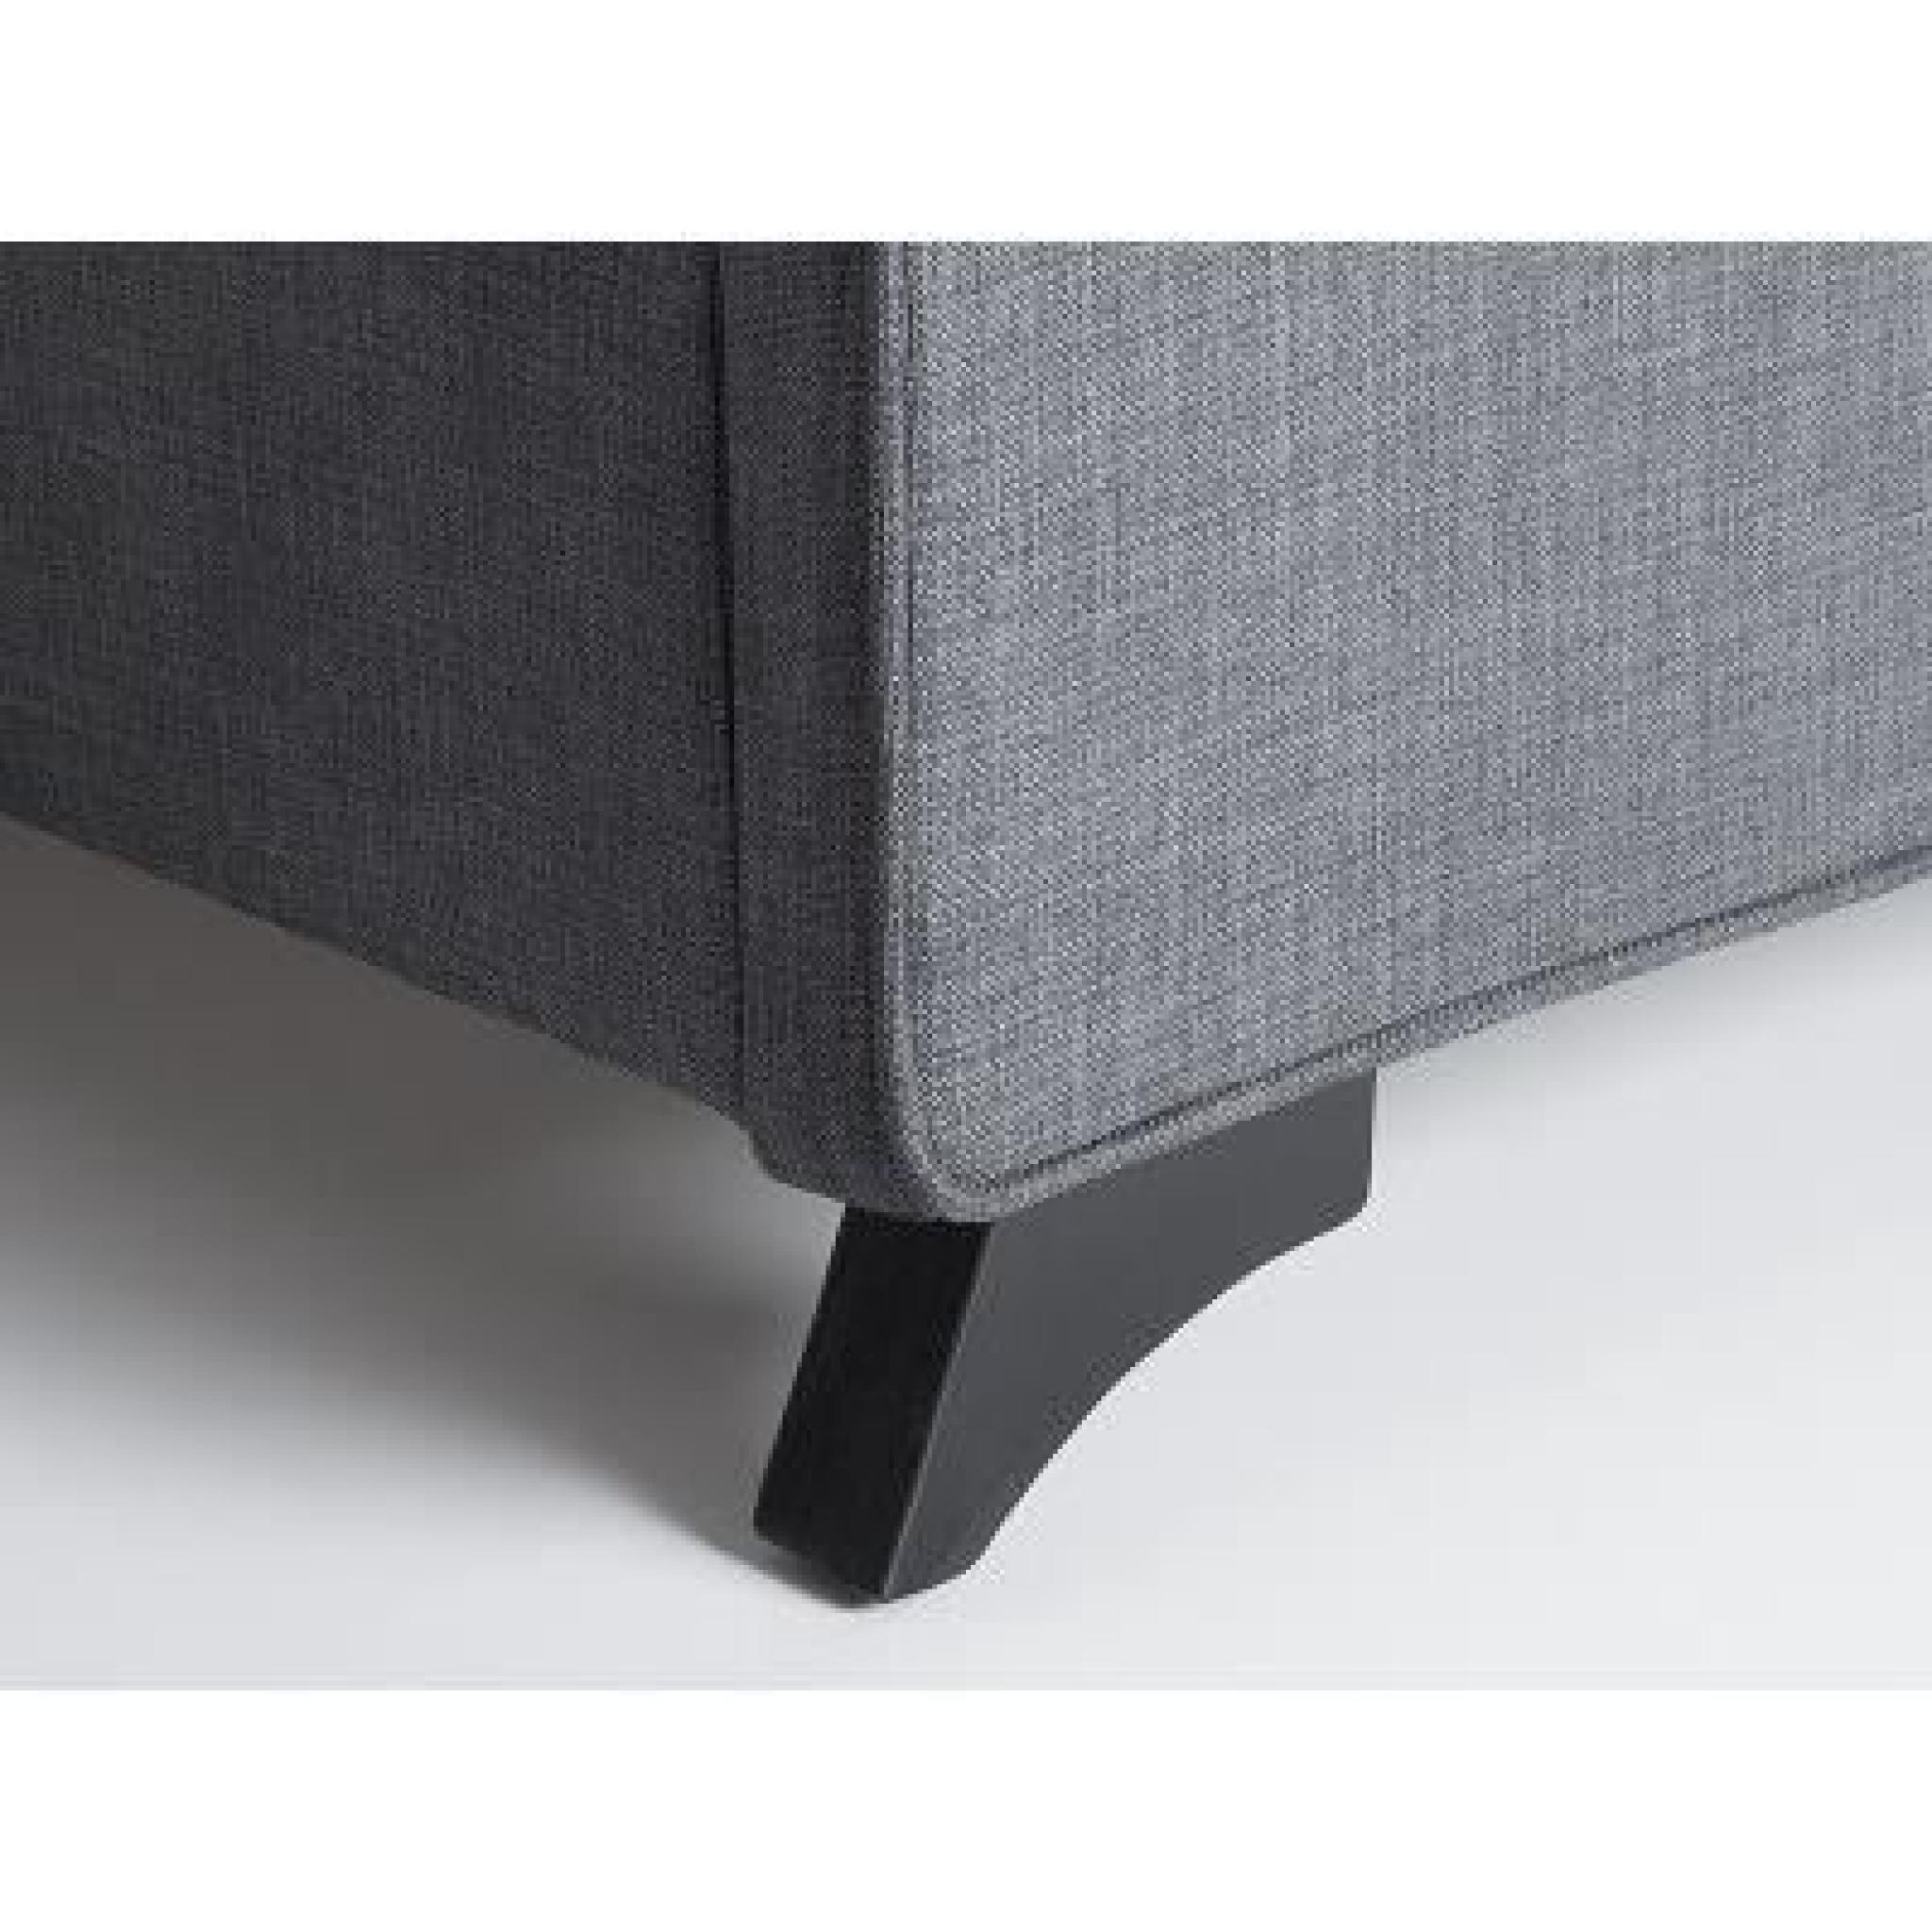 lit en tissu lit double 160x200 cm gris sommier inclus ambassador achat vente lit pas. Black Bedroom Furniture Sets. Home Design Ideas